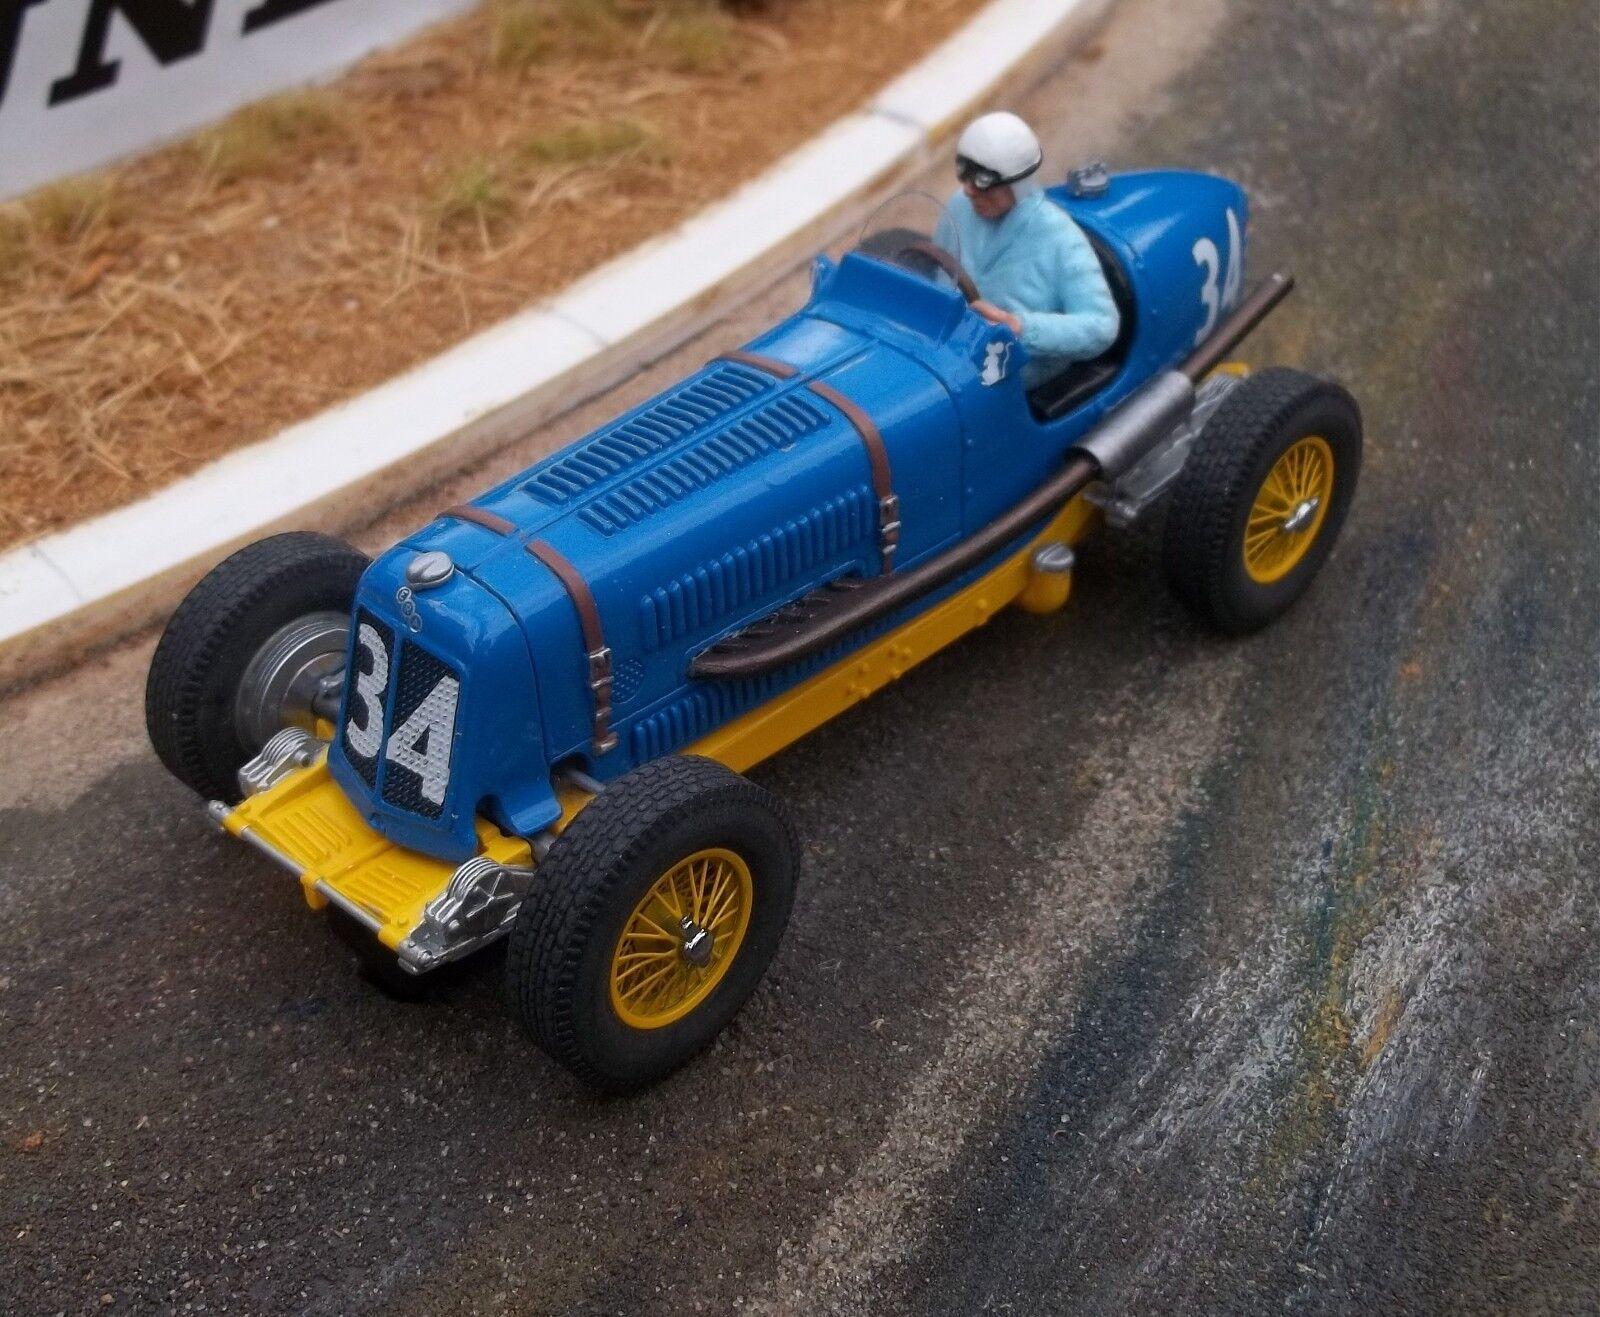 Probuild 1 32 Slot Car RTR GTM Vintage Années 1930 E.R.A.RB2 Romulus  34 Prince Bira